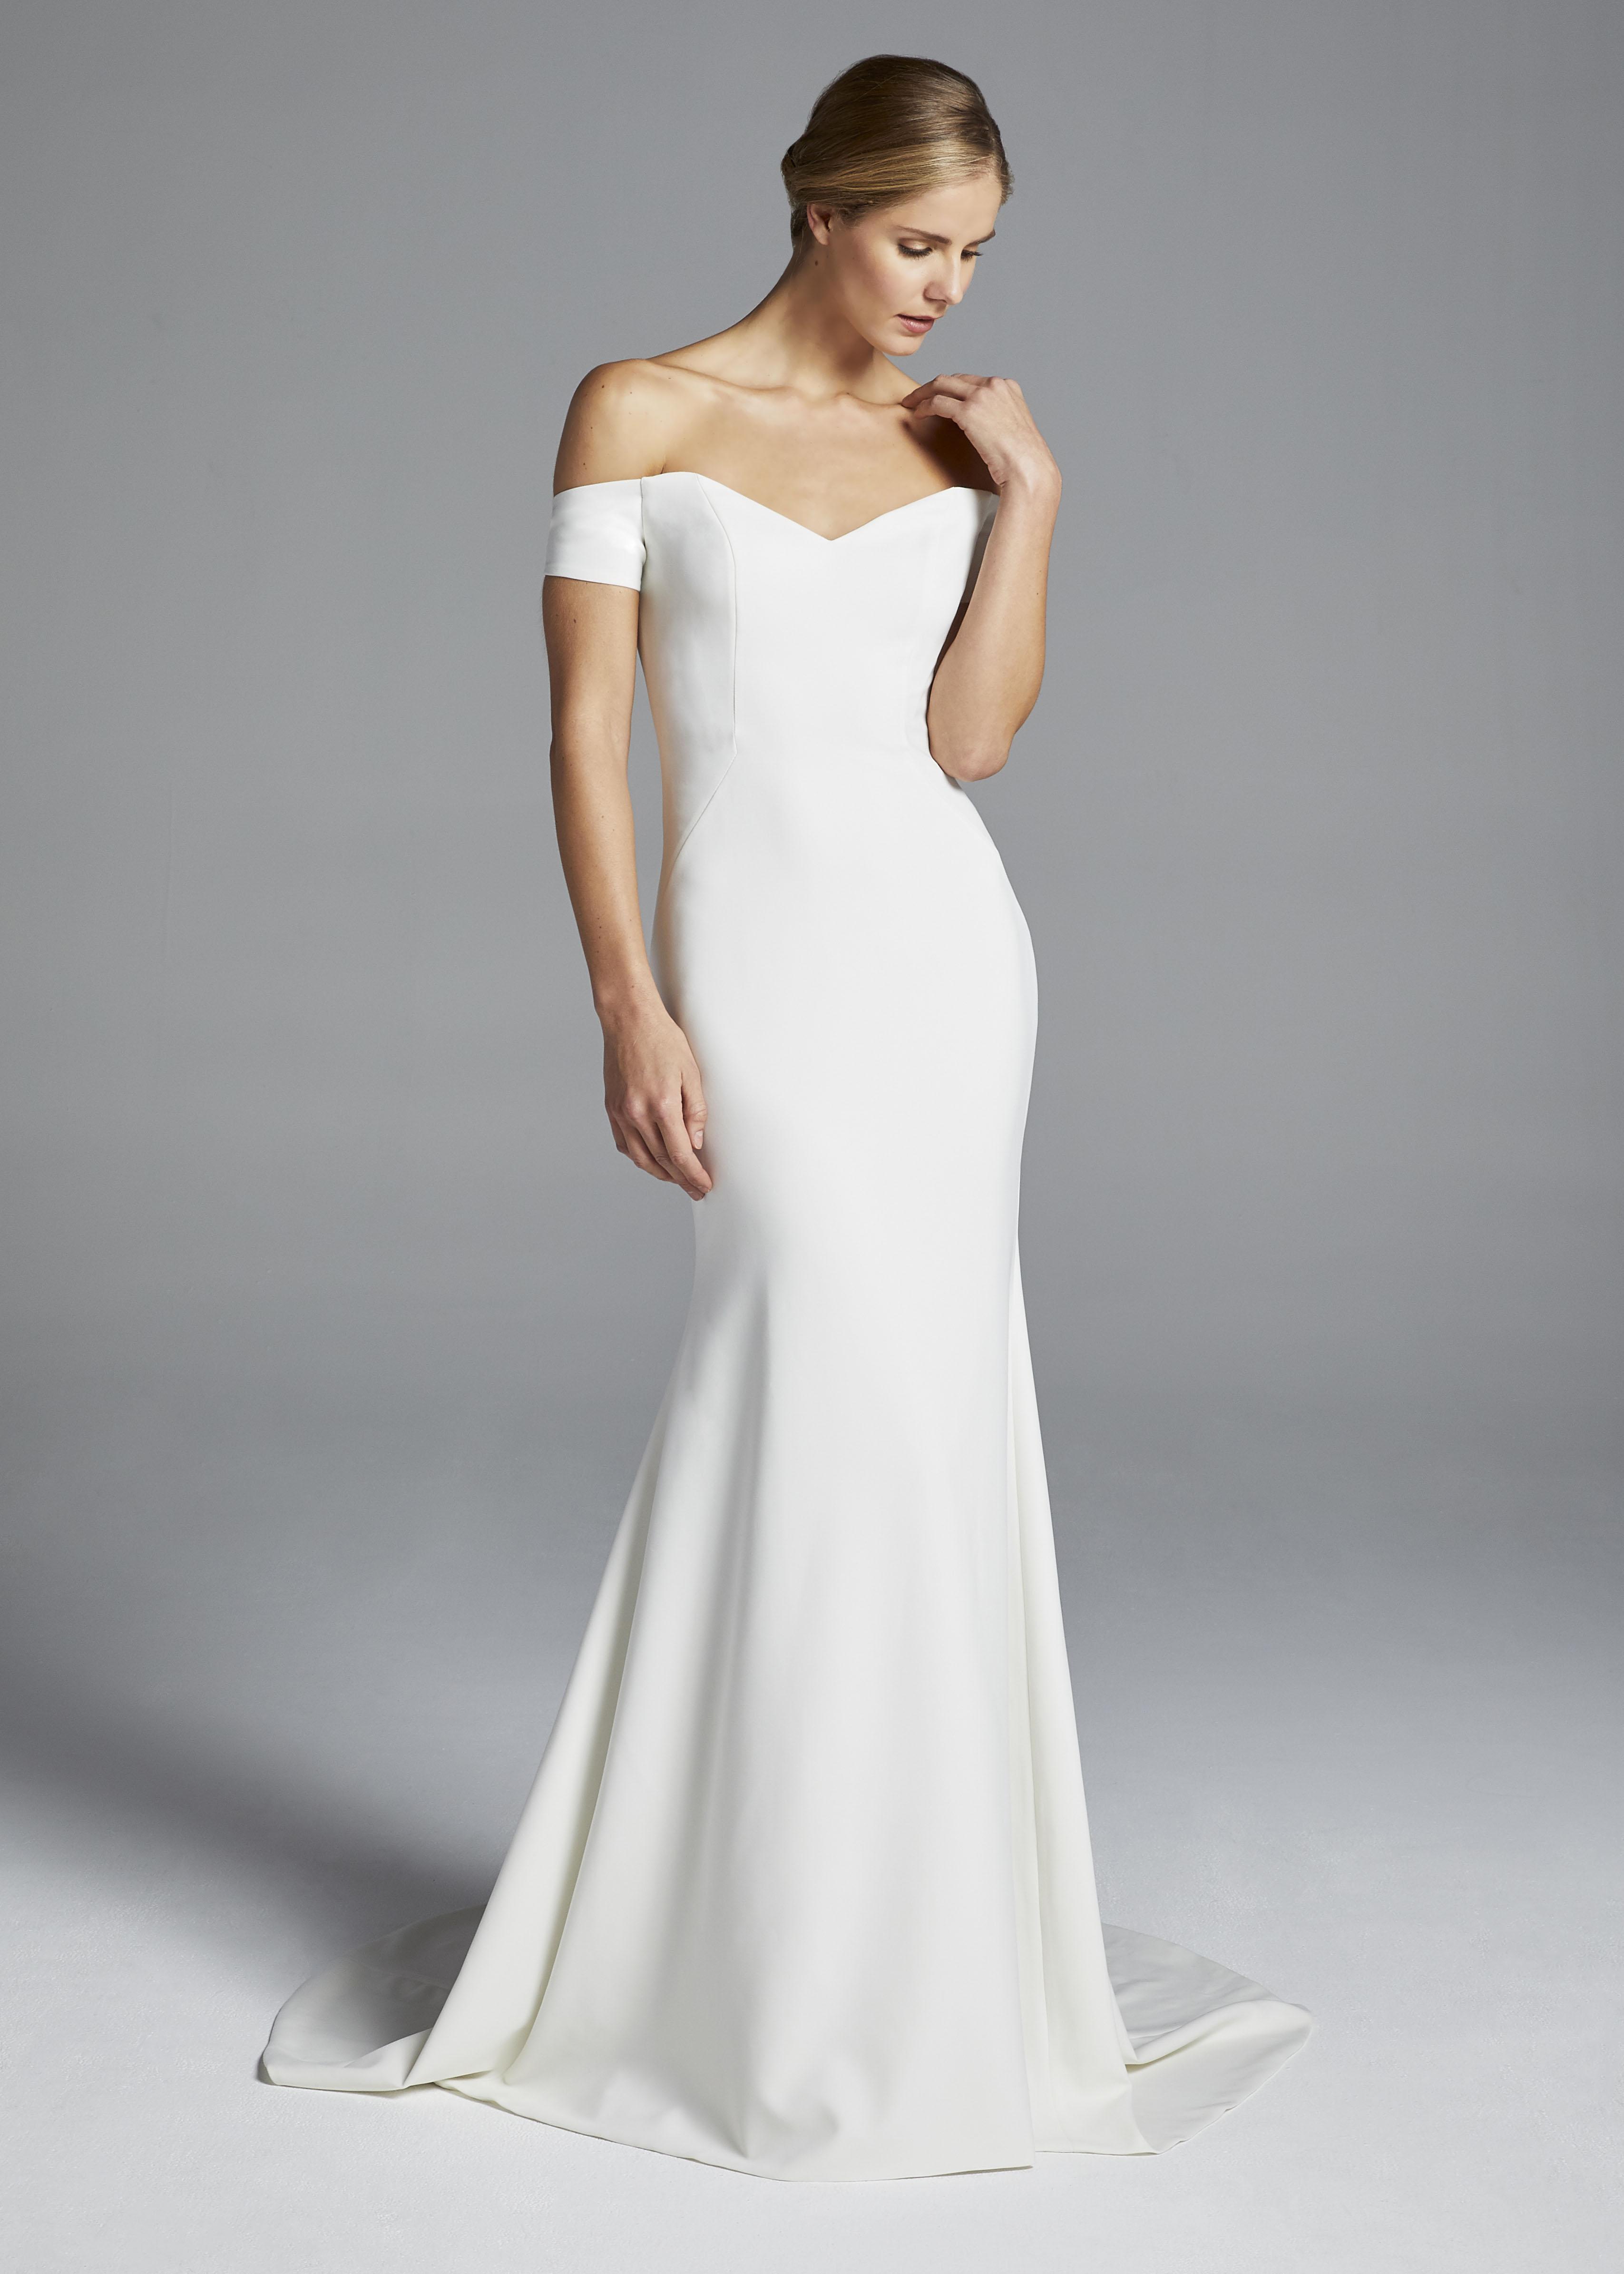 anne barge off the shoulder mermaid wedding dress spring 2019